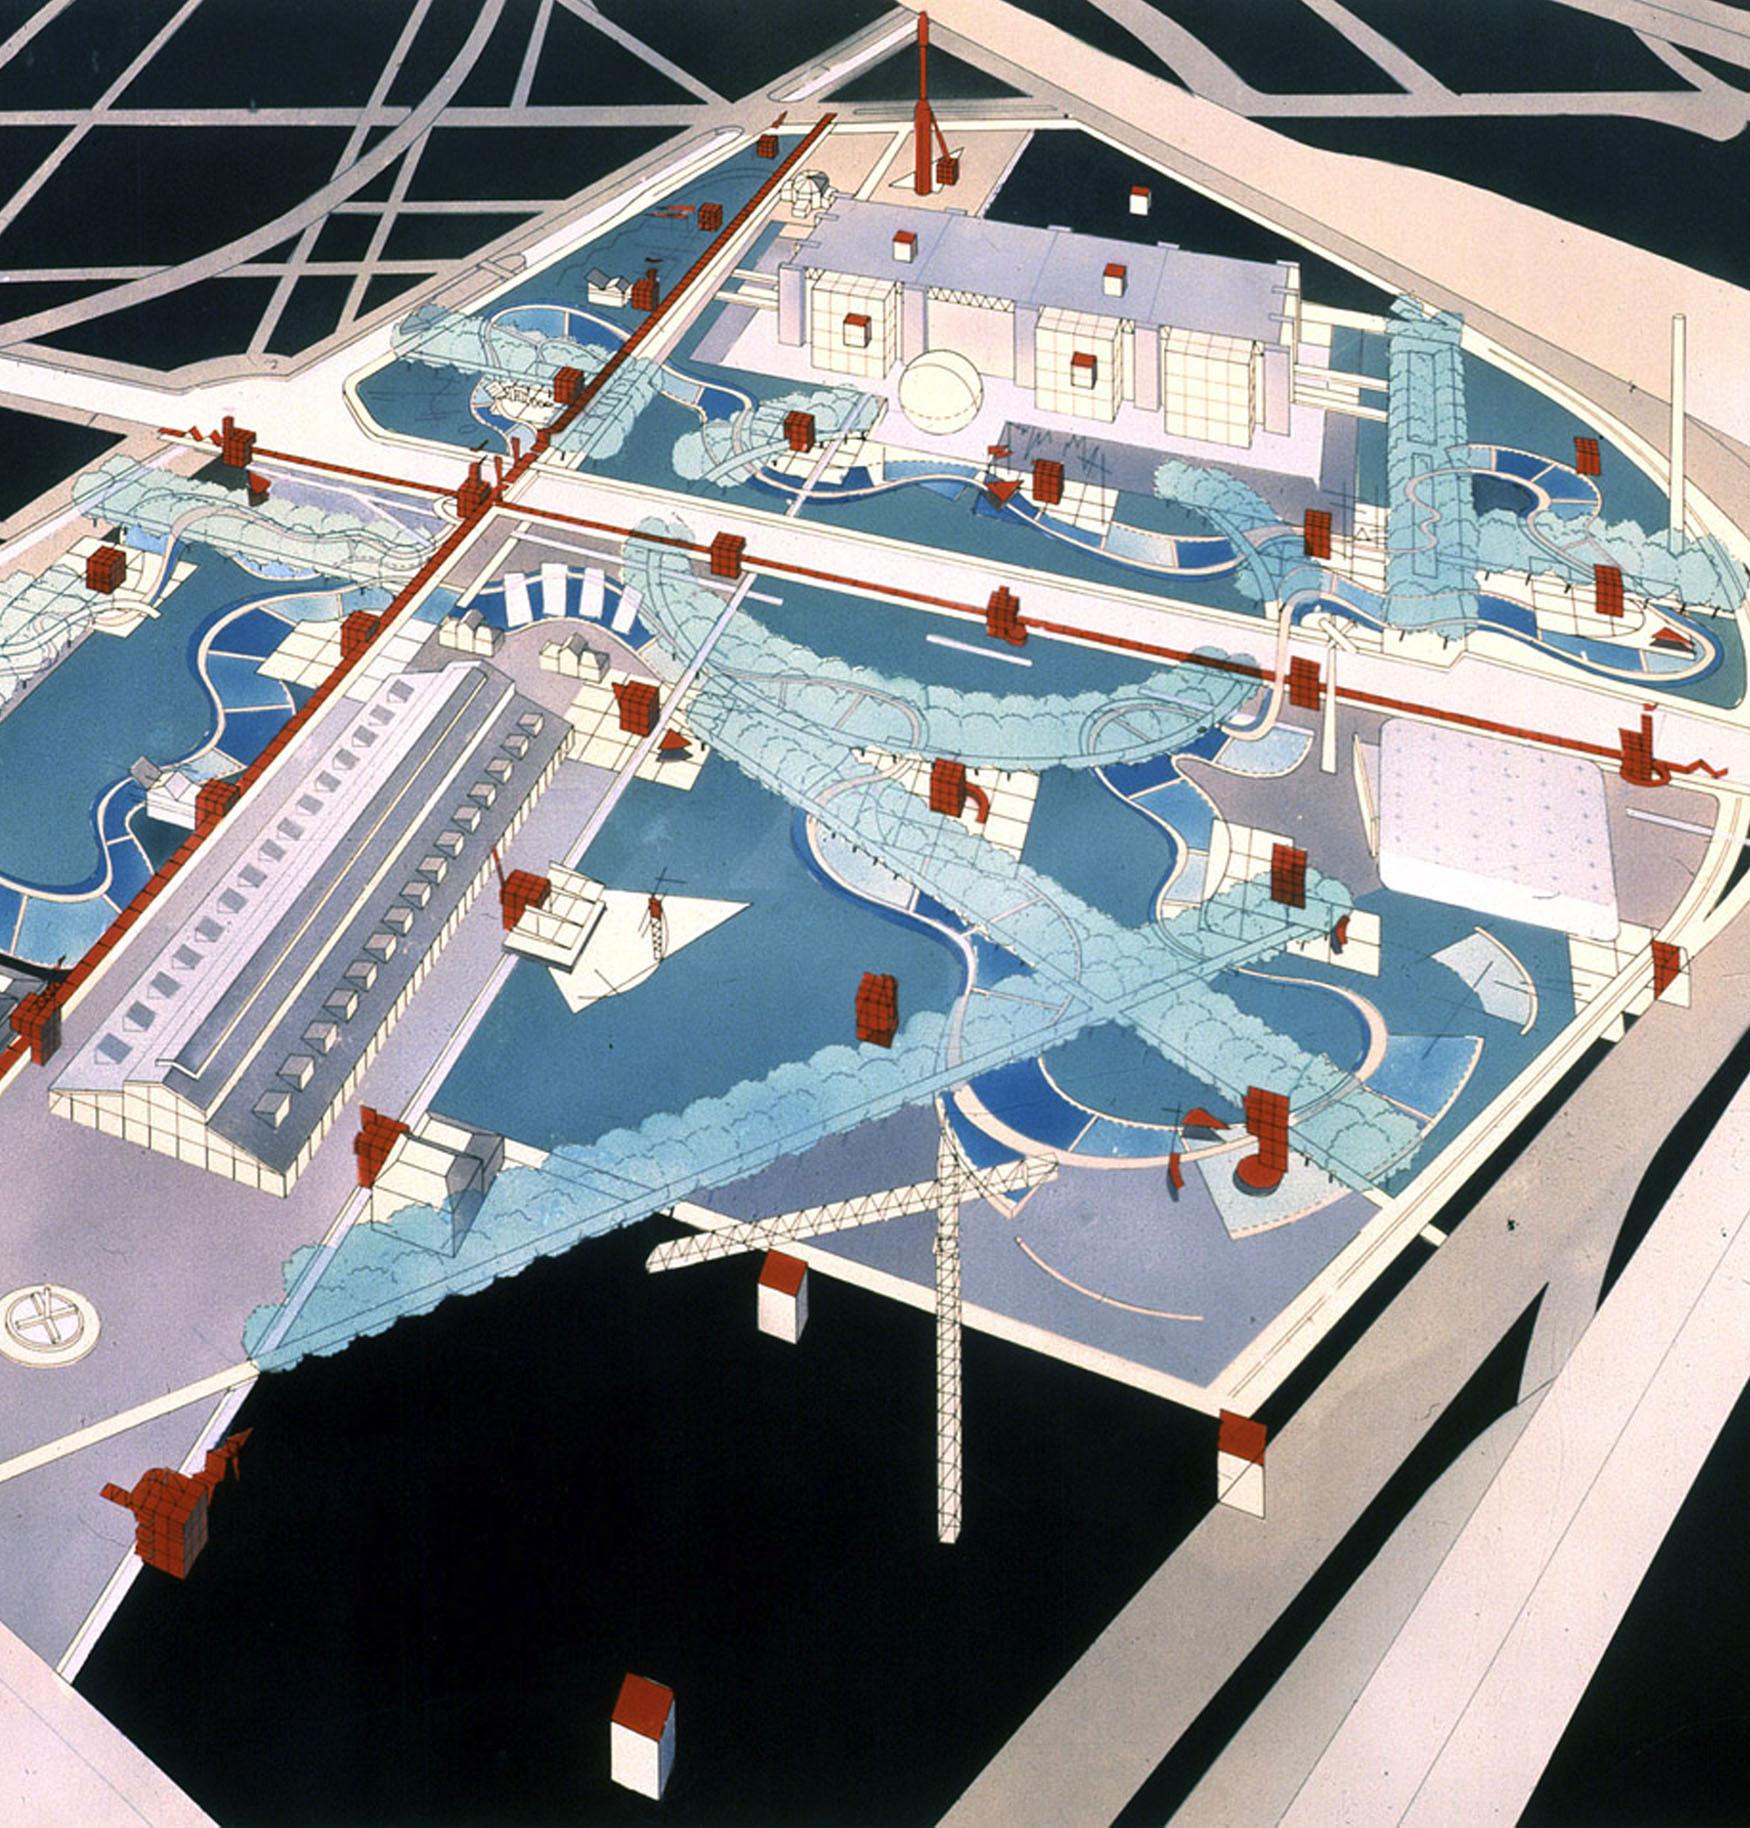 oma parc de la villette diagram bpmn conversation penccil paris